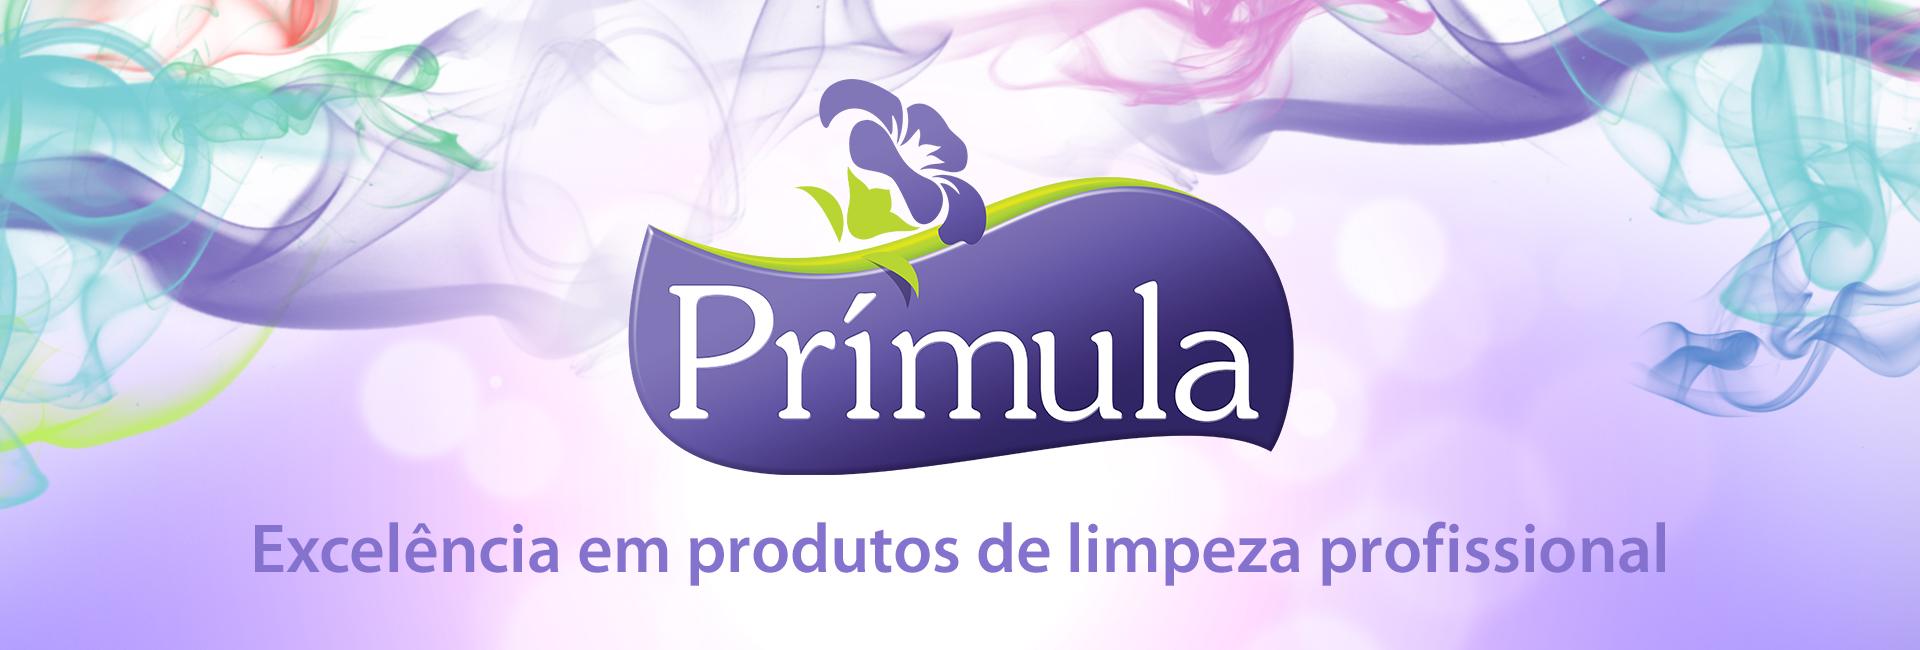 Banner 2 – Excelência em produtos de limpeza